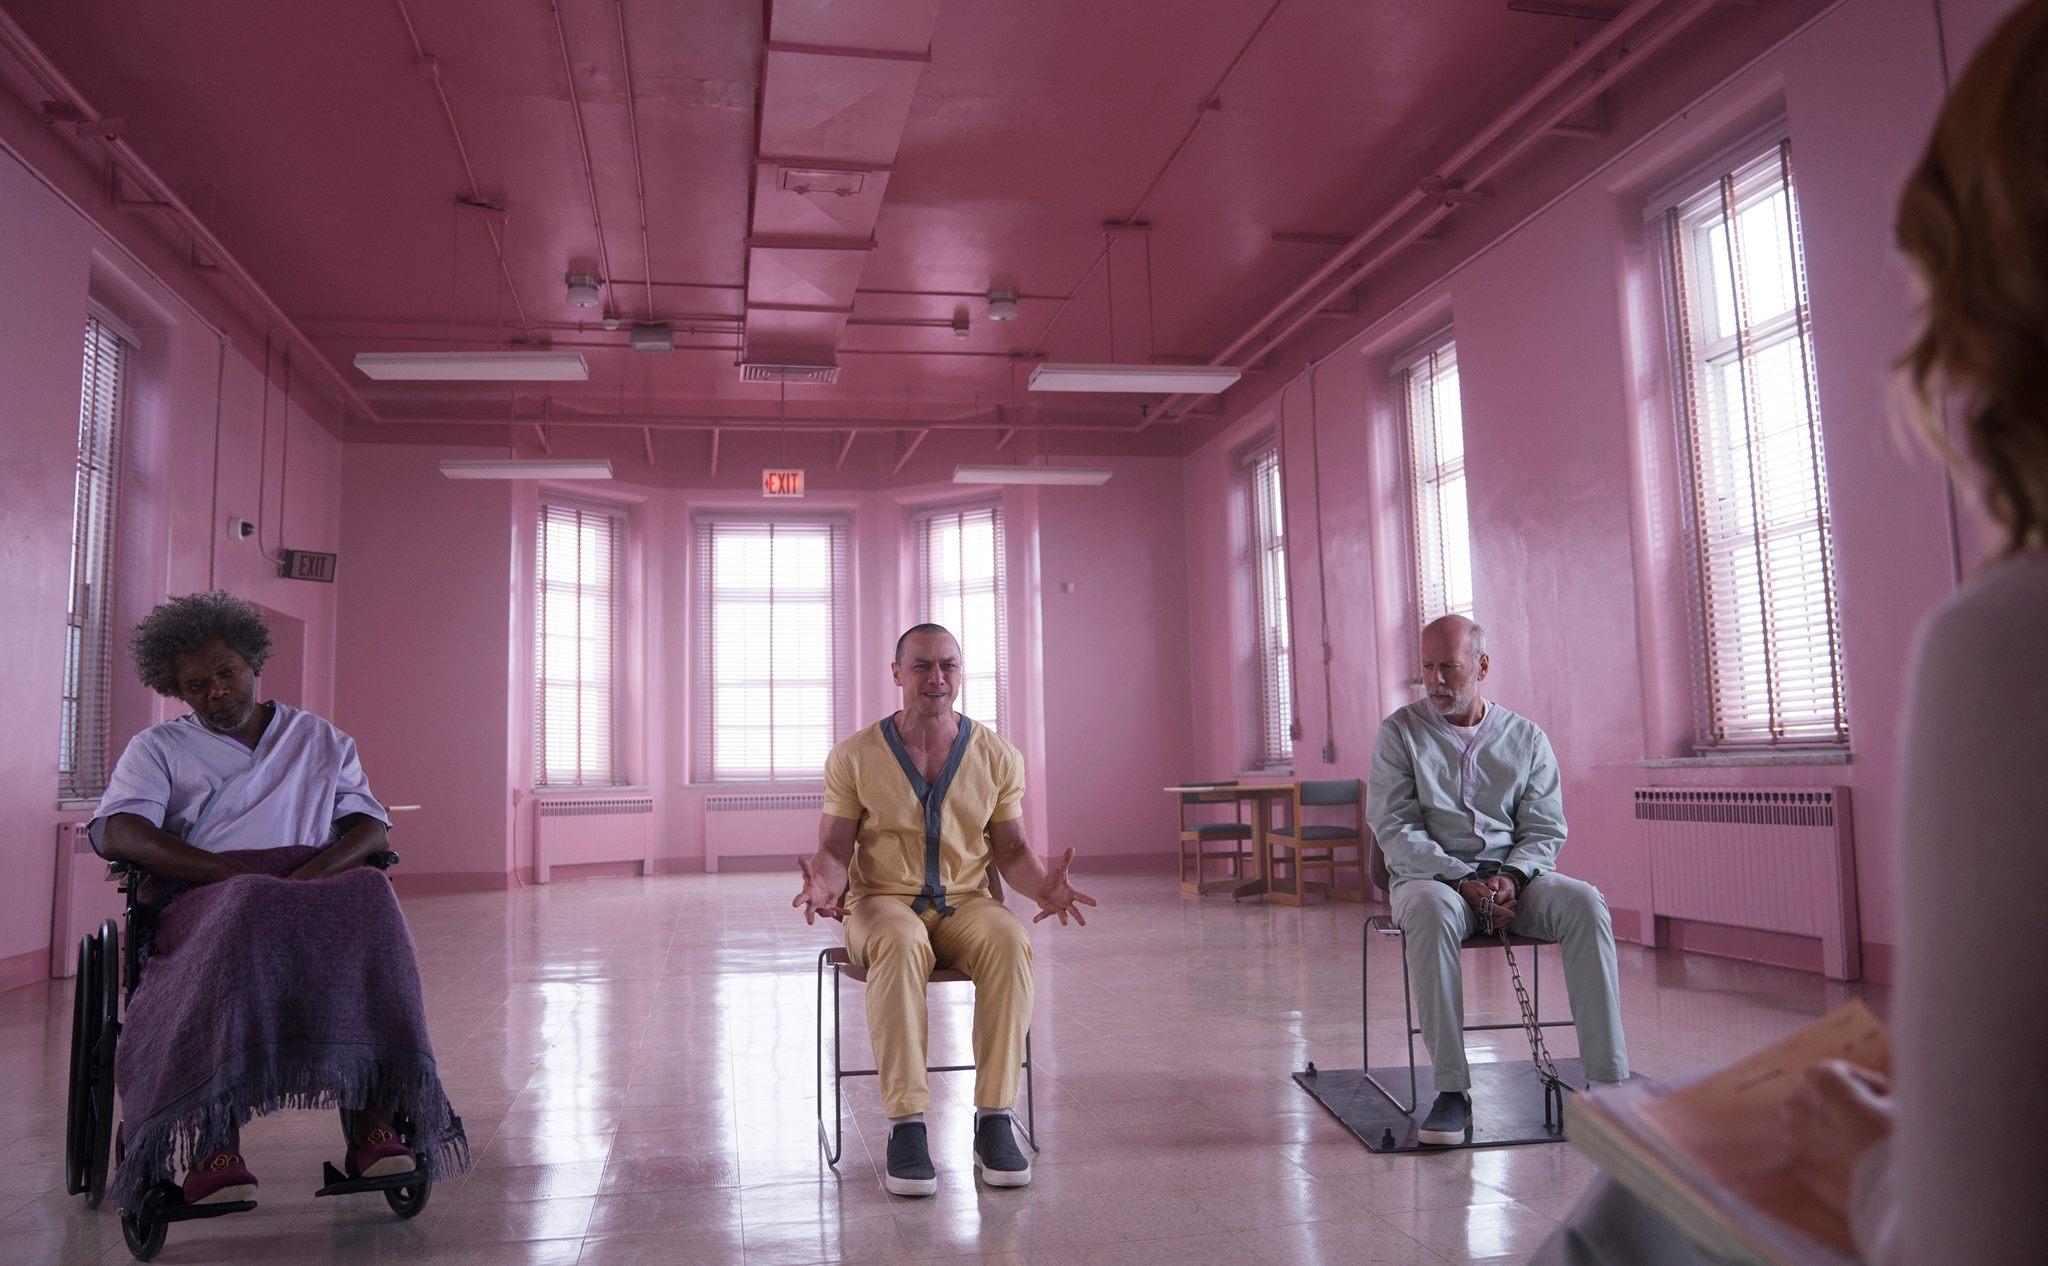 Премьера трейлера: «Стекло» с Брюсом Уиллисом и Джеймсом МакЭвоем